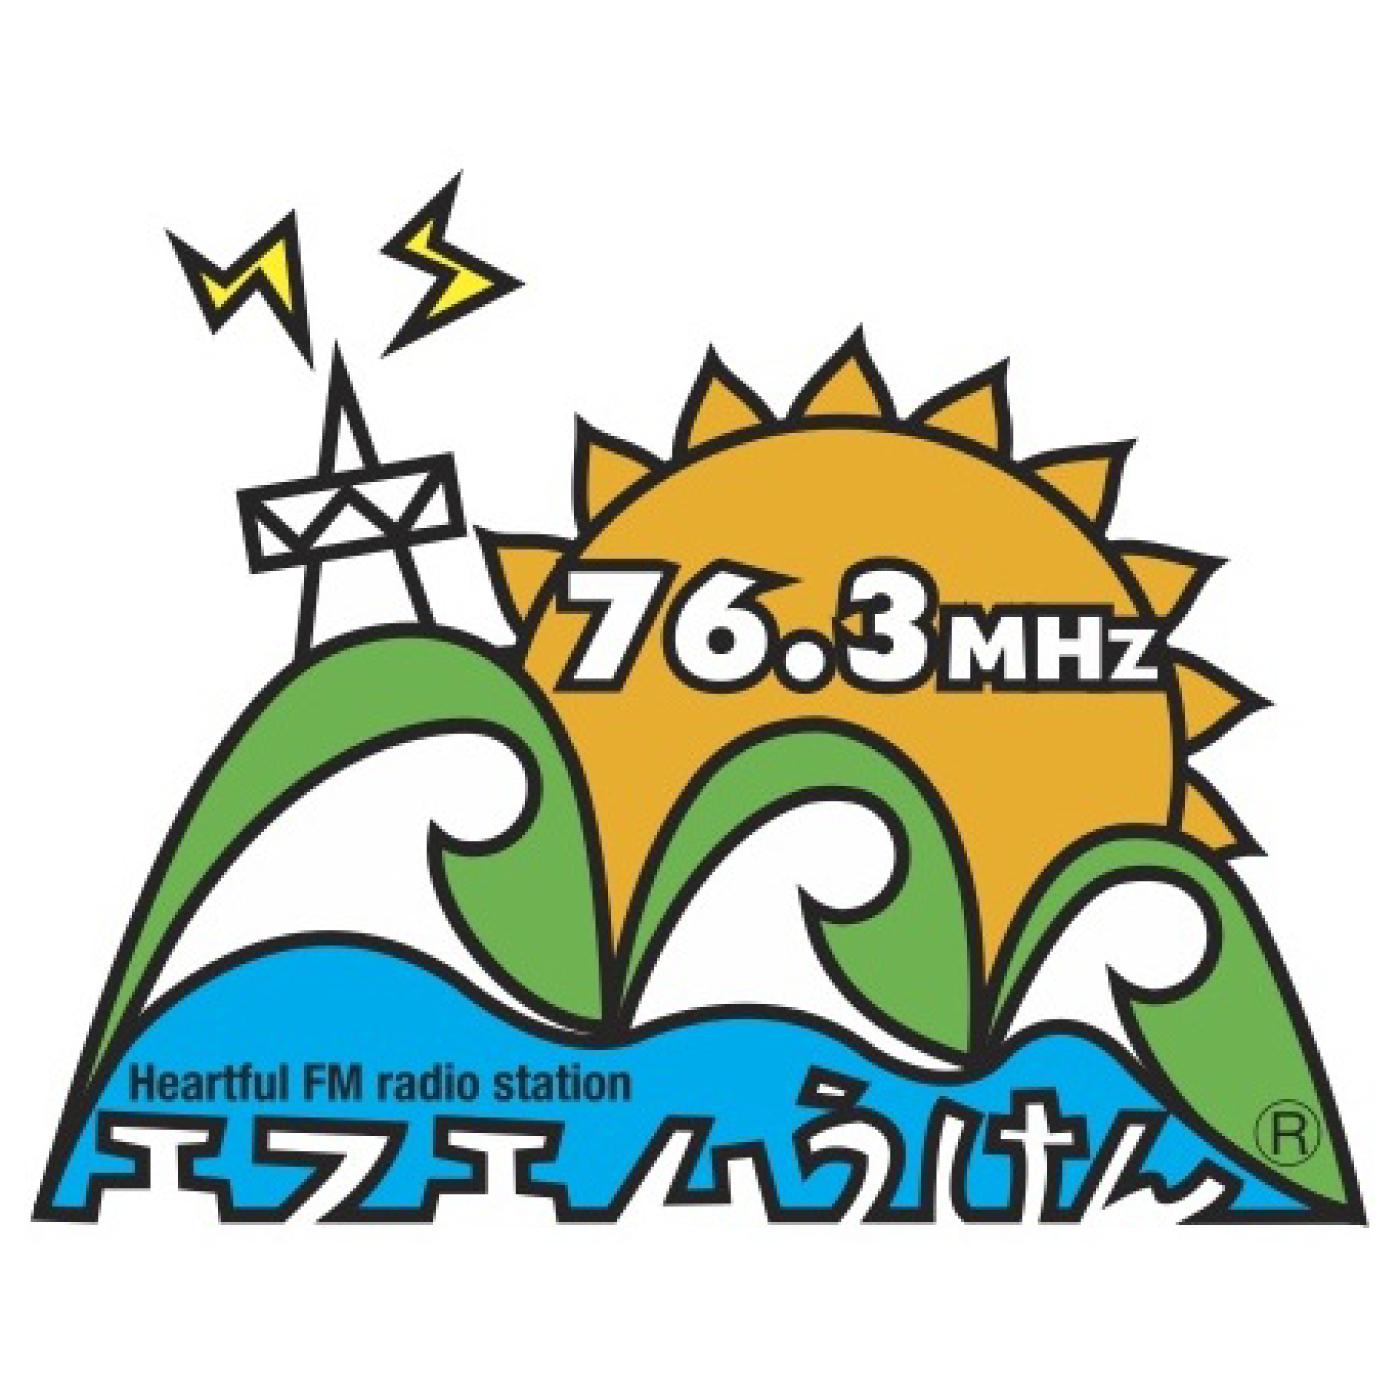 エフエムうけん 76.3MHz(宇検村)